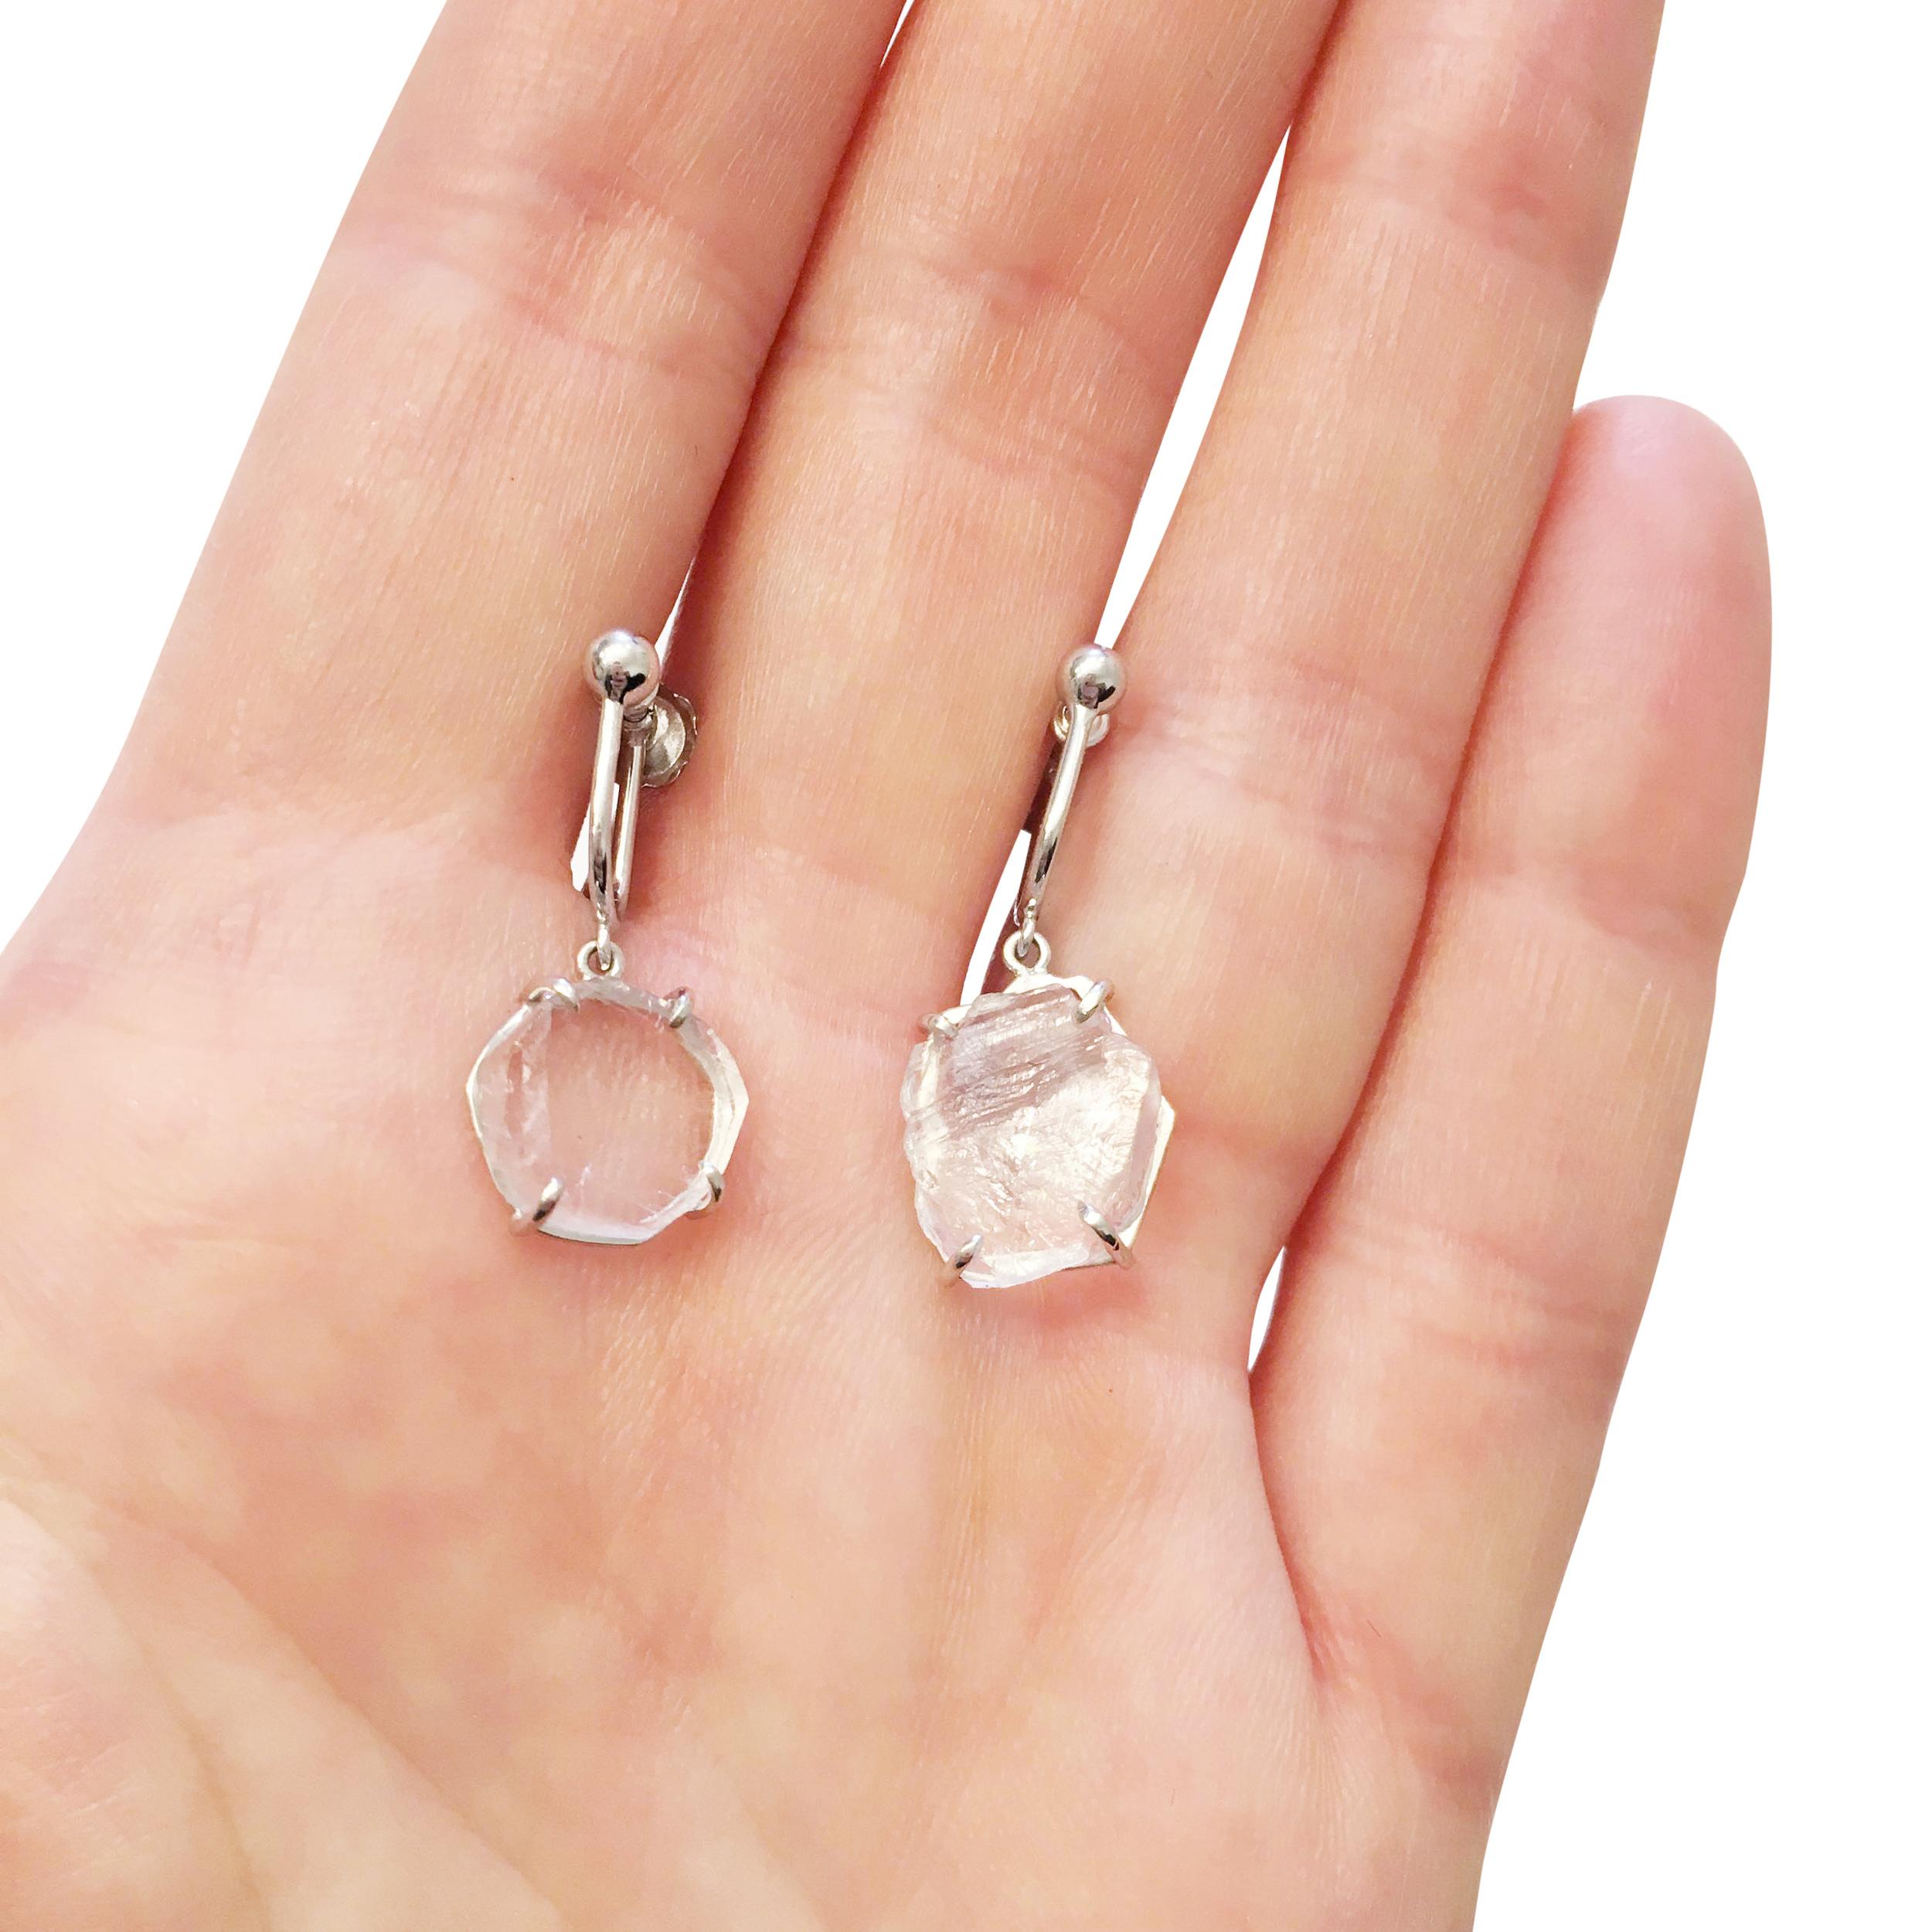 fluorite-drop-ear-pendats-set-in-18ct-white-gold-screw-back-fittings-3.jpg